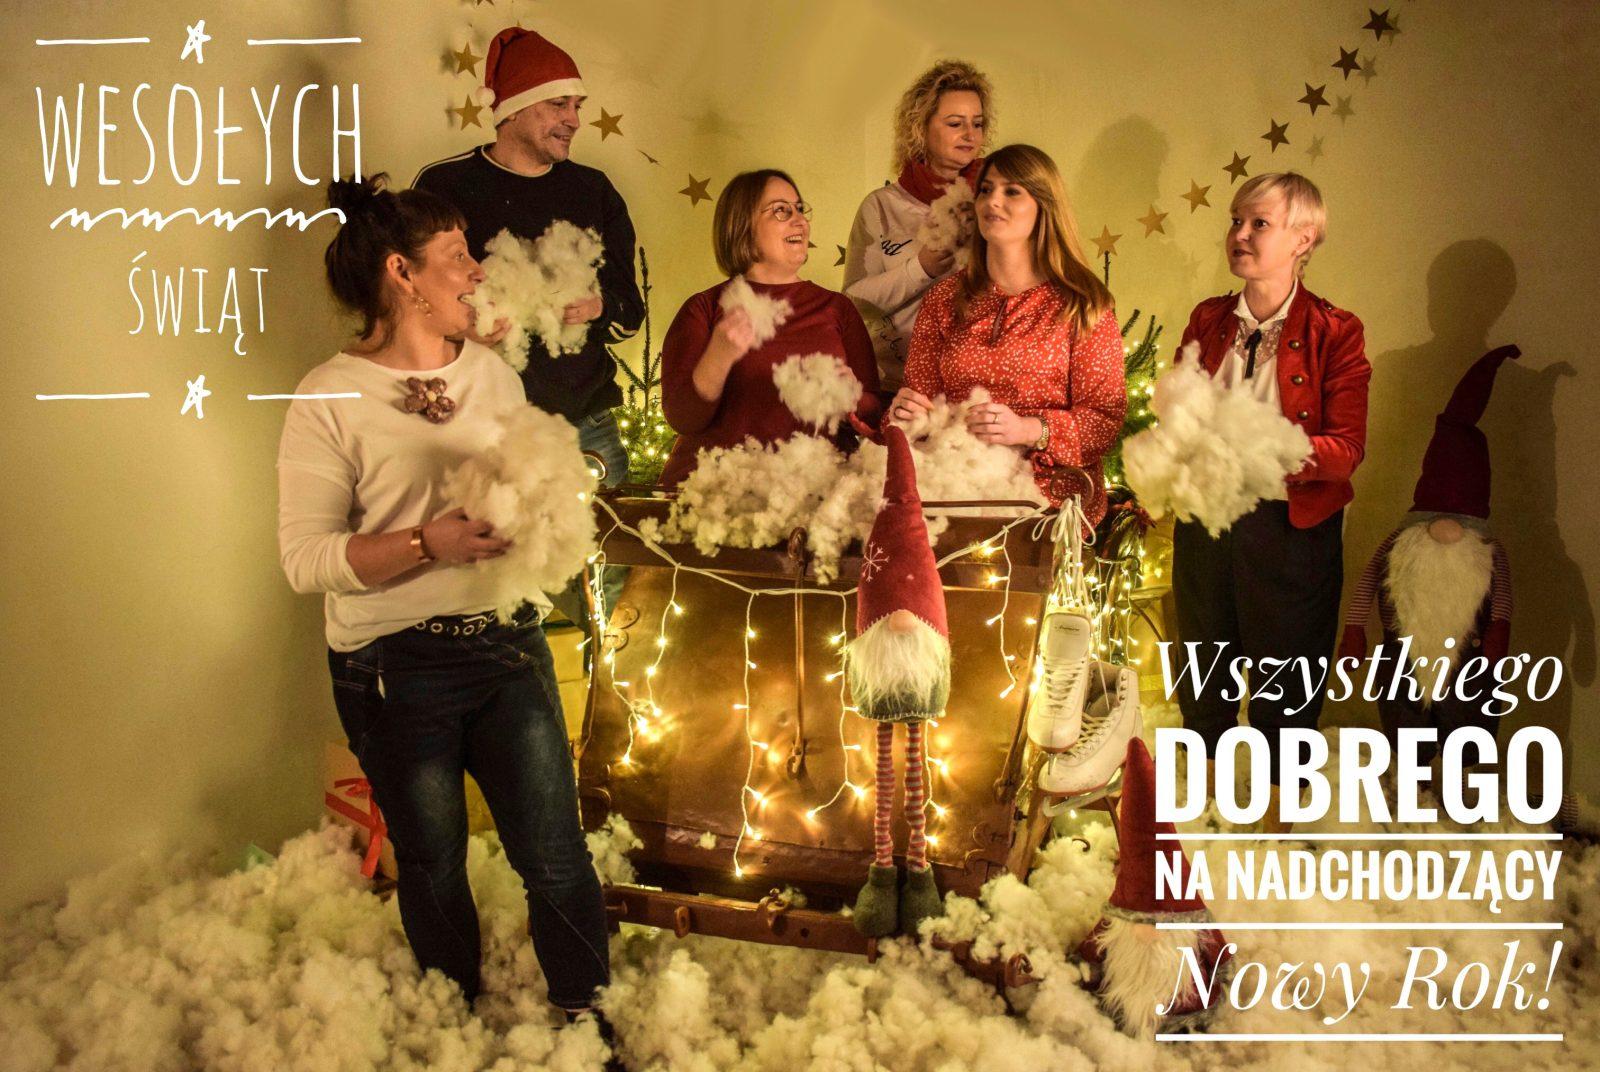 Grafika. Wśród świątecznej dekoracji, sanie Mikołaja, skrzaty, lamki, sztuczny śnieg znajduje się grupa osób, pracownicy MDK. W prawym górnym rogu napis Wesołych Świąt. W lewym dolnym rogu napis Wszystkiego dobrego na nadchodzący nowy rok.